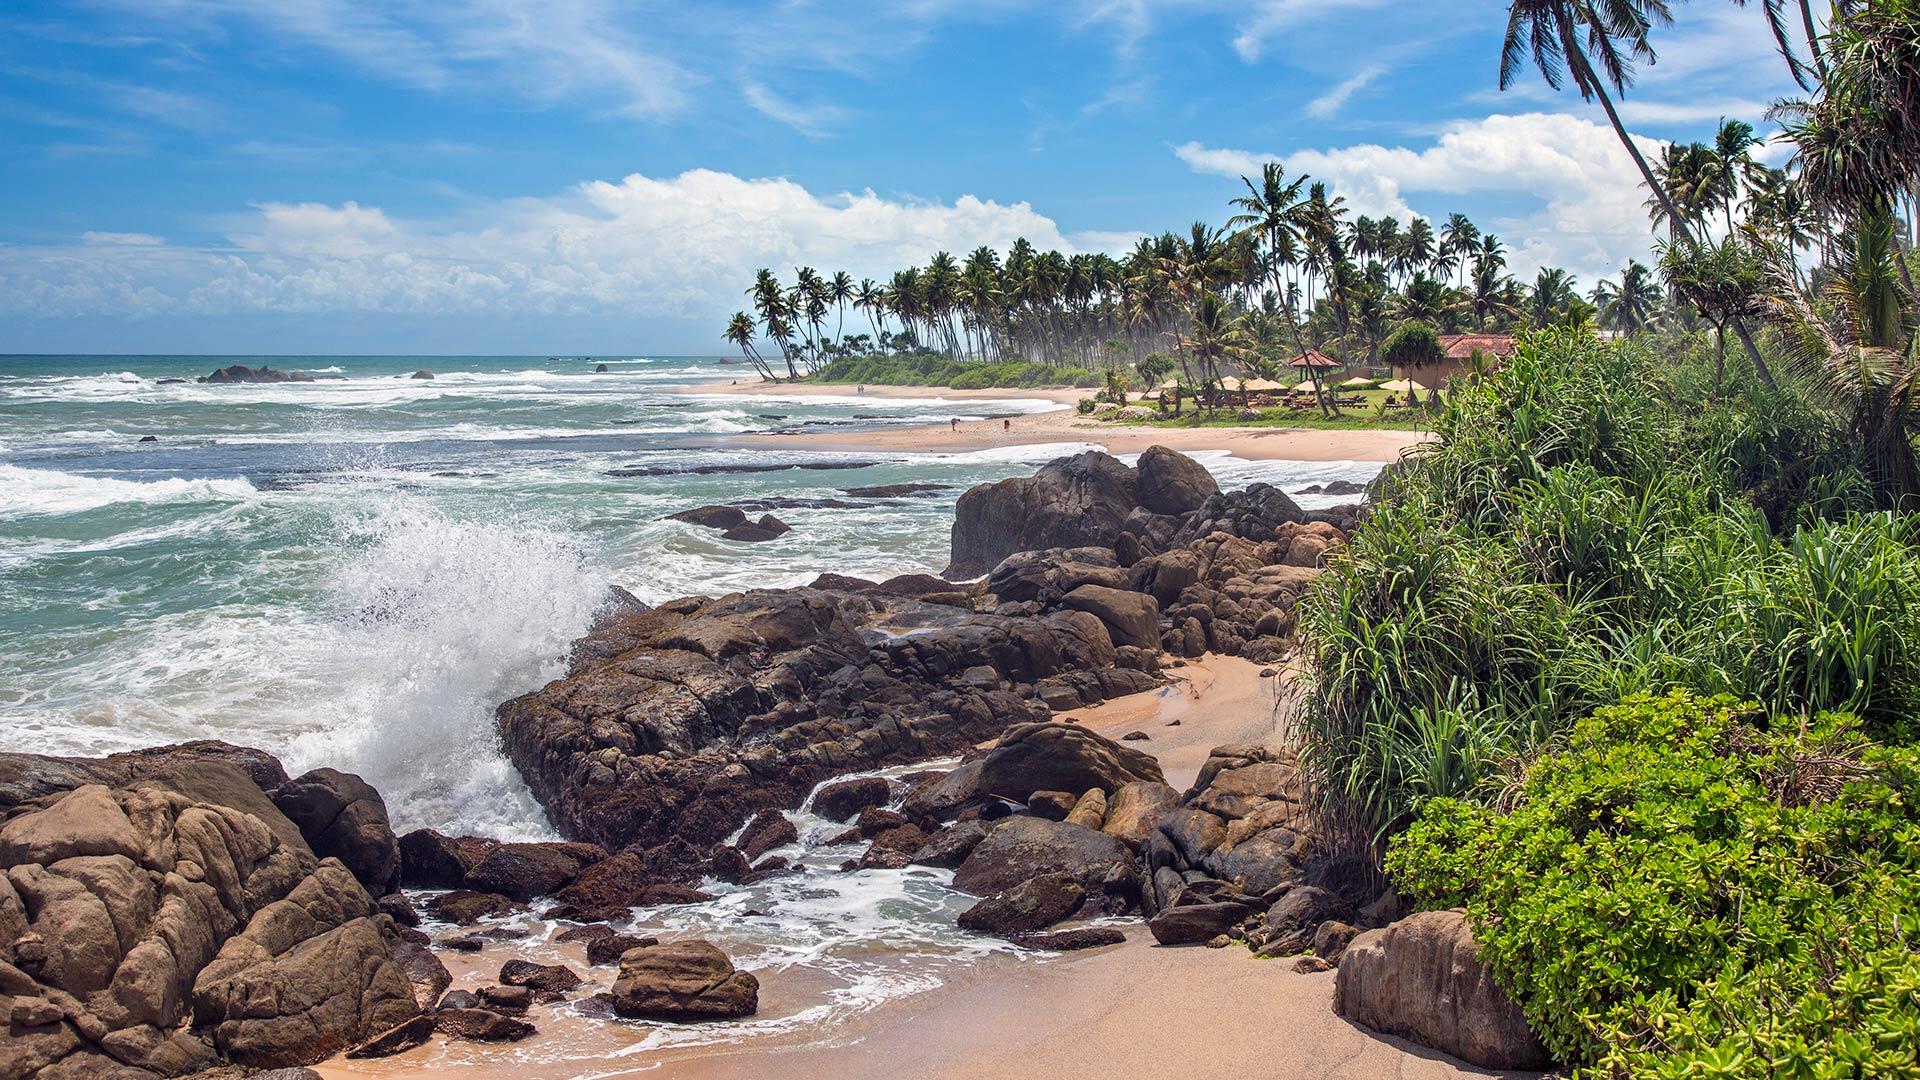 Coastline near Galle, Sri Lanka